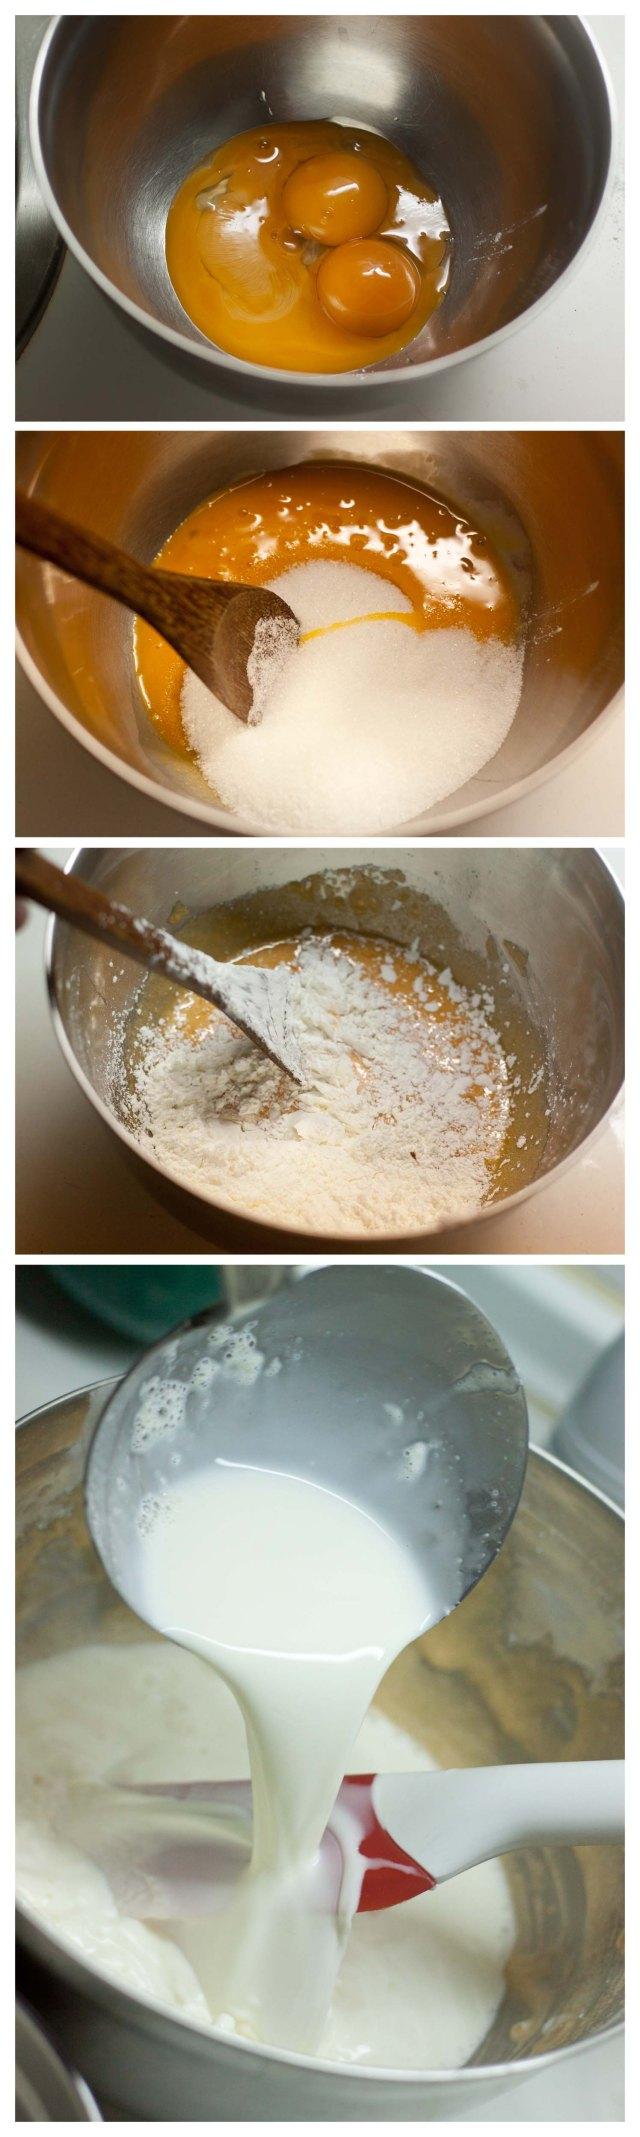 Elaboracion de la crema pastelera